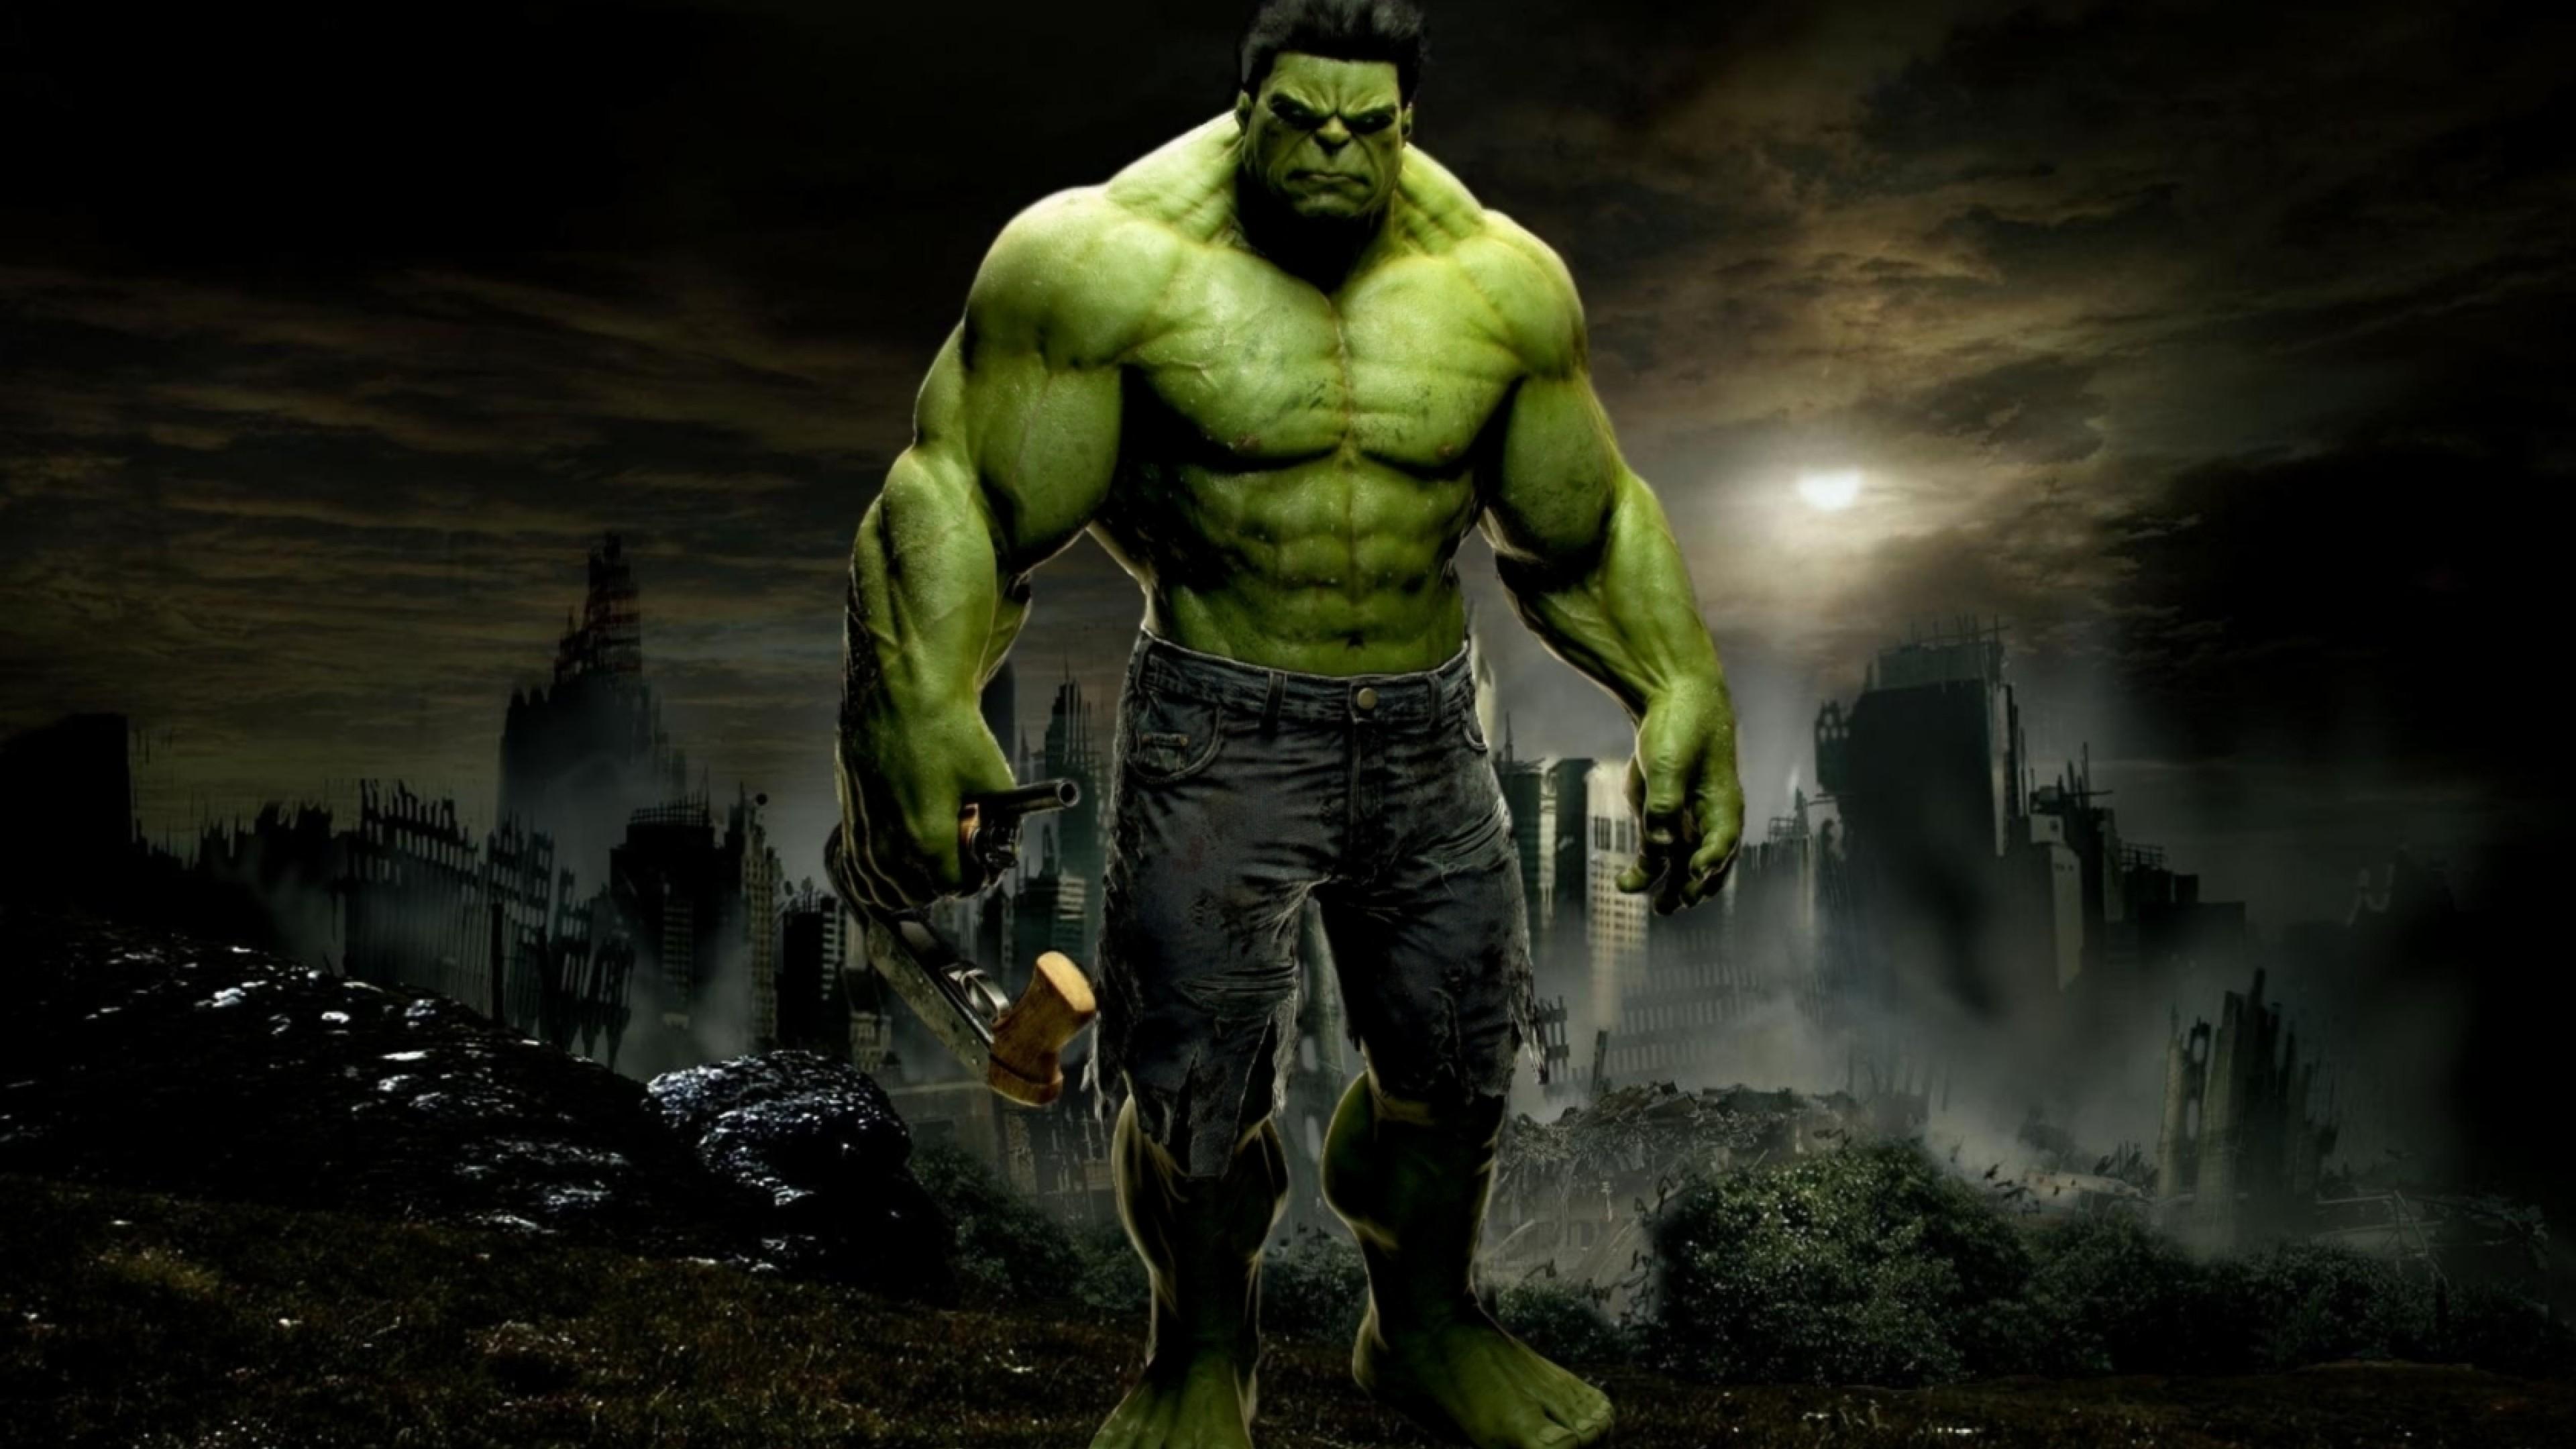 47 The Incredible Hulk Desktop Wallpaper On Wallpapersafari